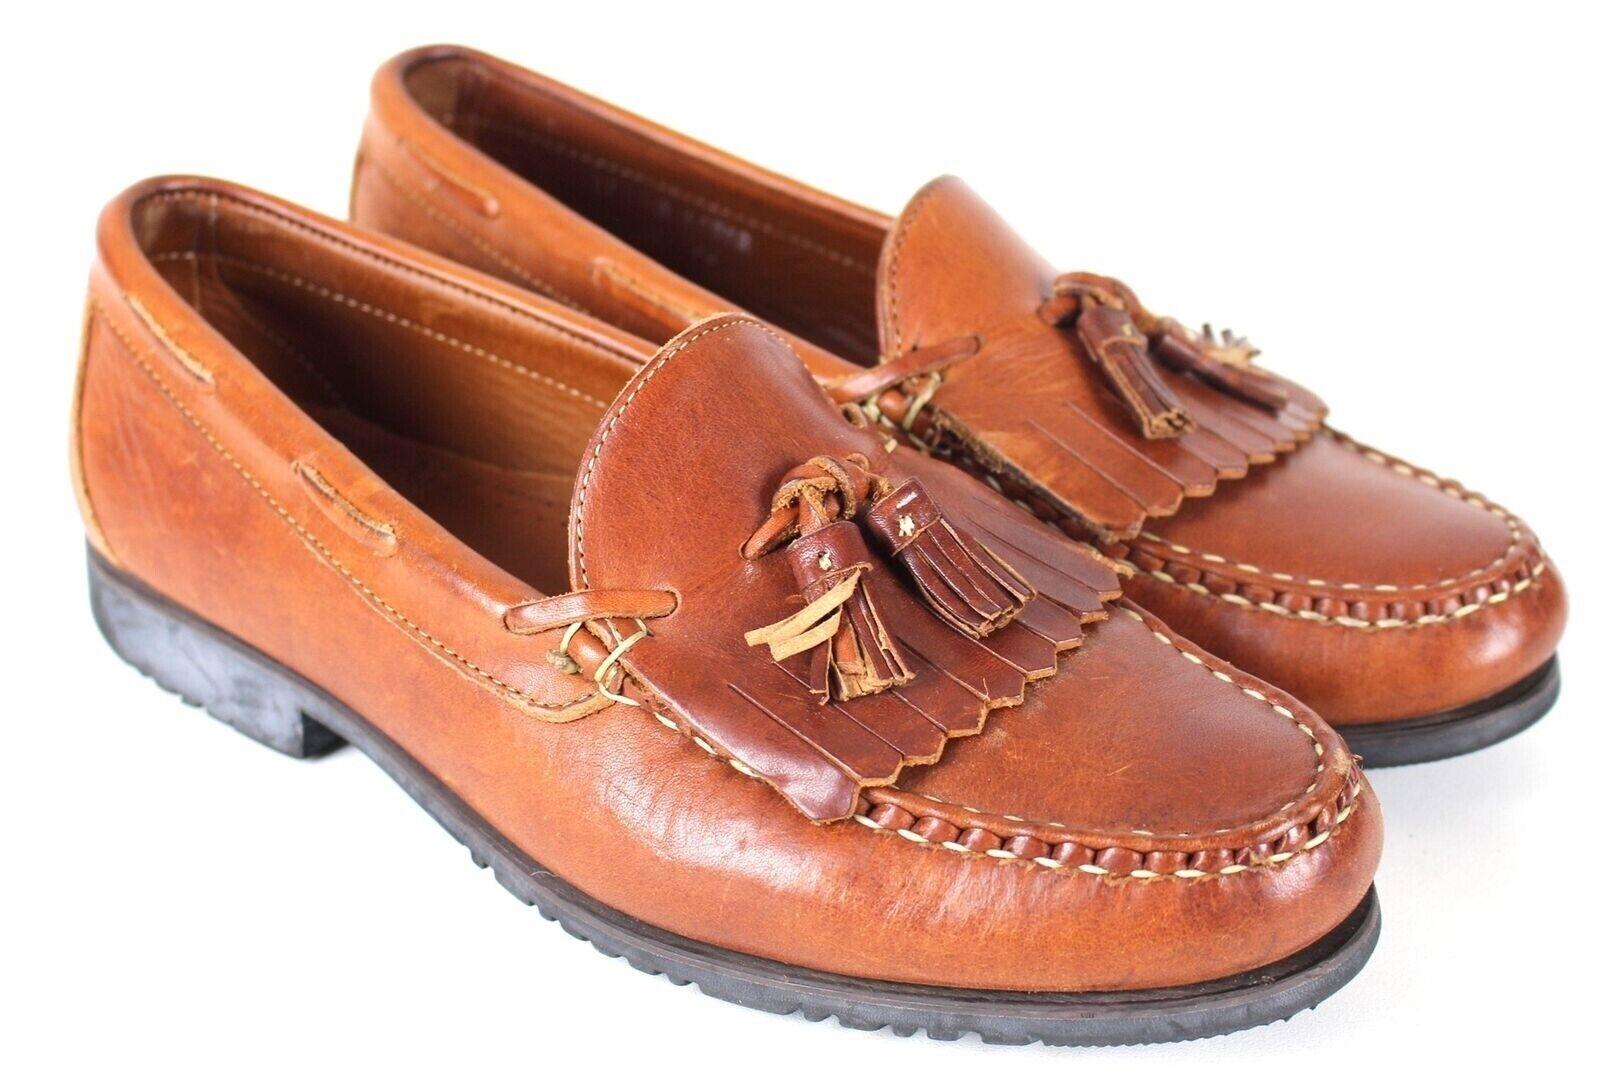 Allen Edmonds Nashua Tassel Loafer Slip On shoes MENS 11 D Tan Leather